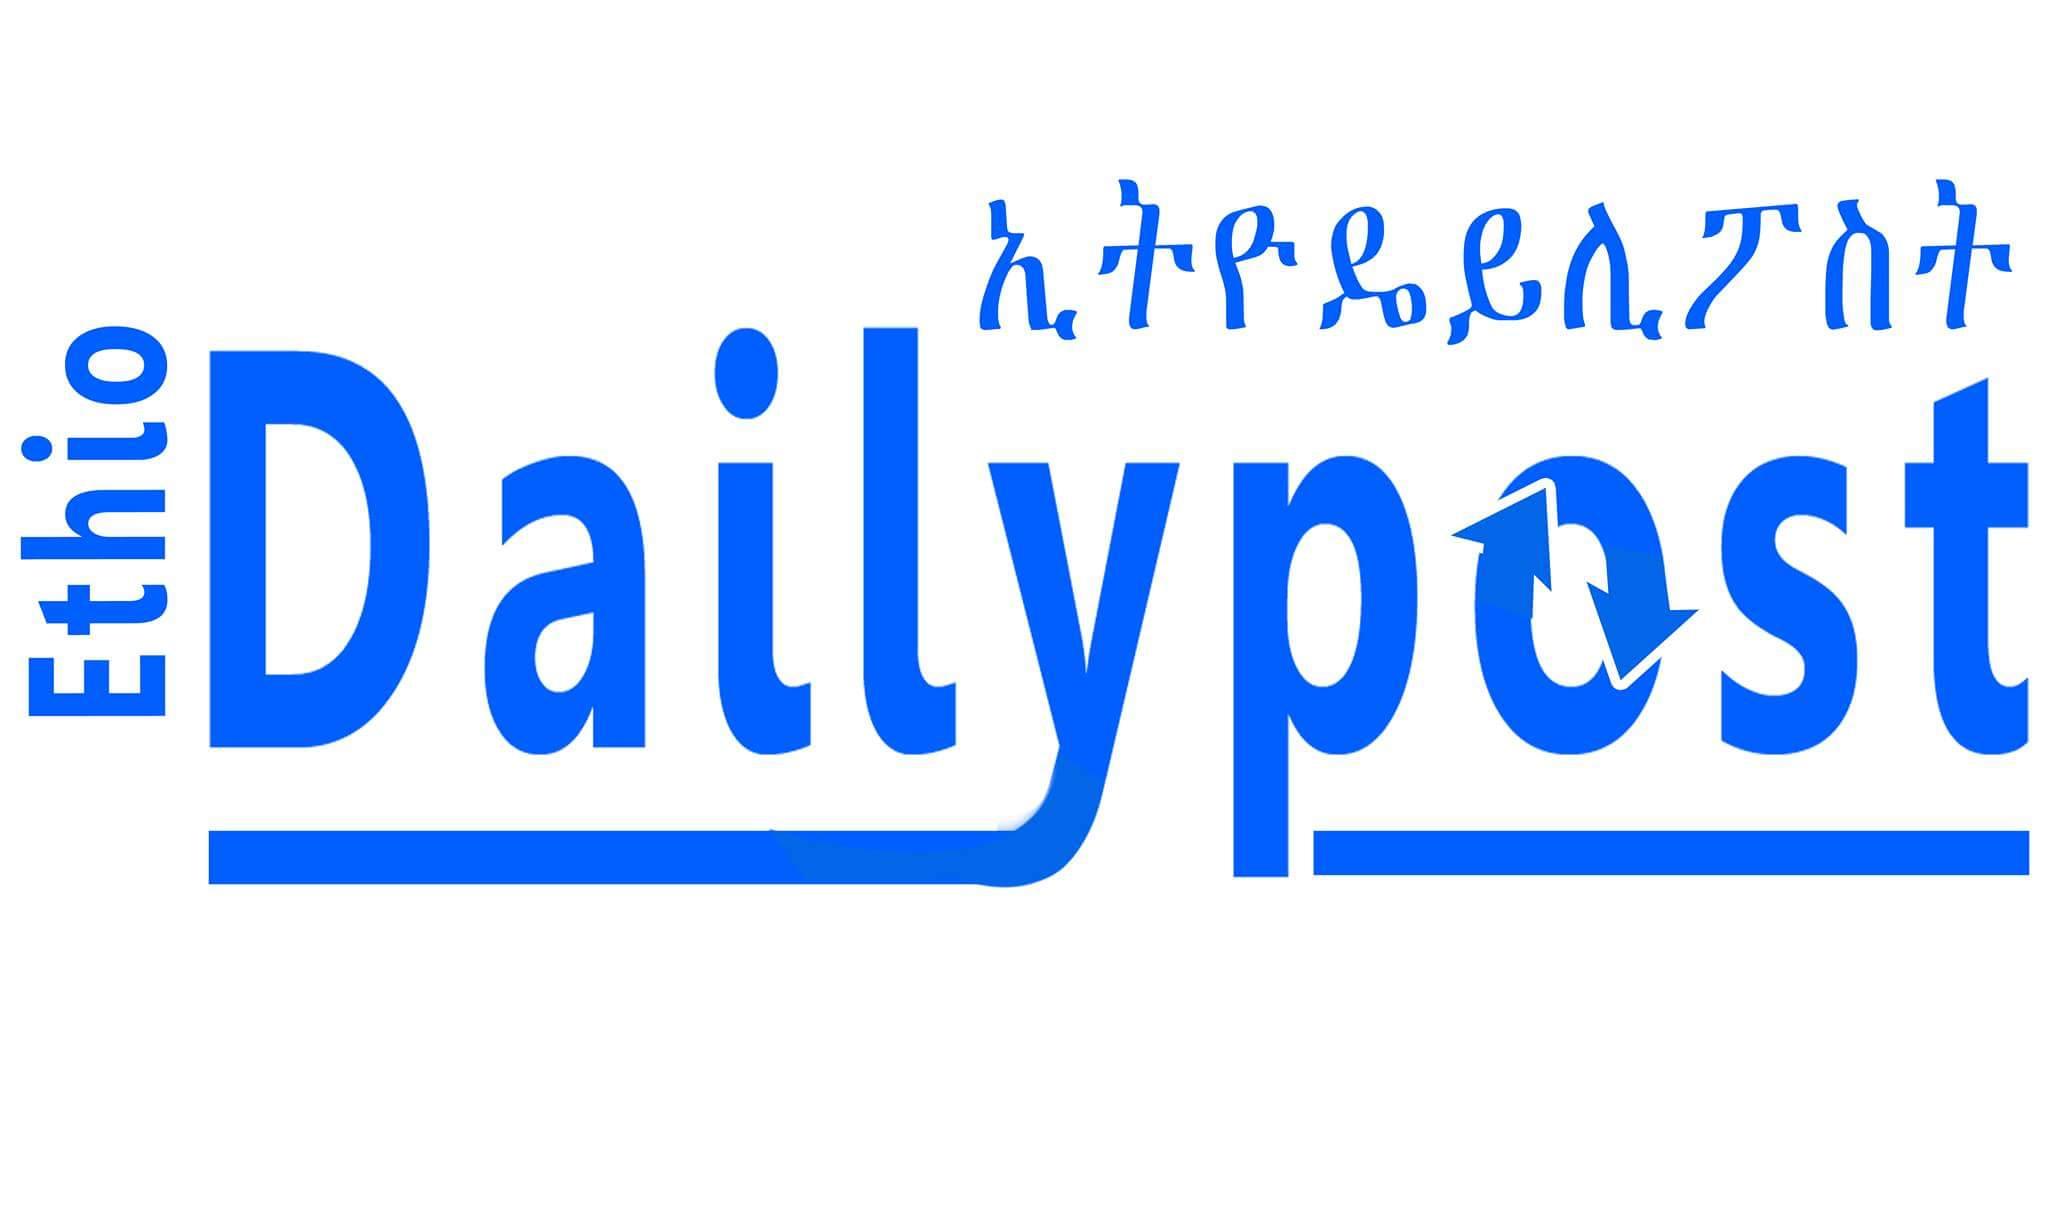 EthioDailyPost